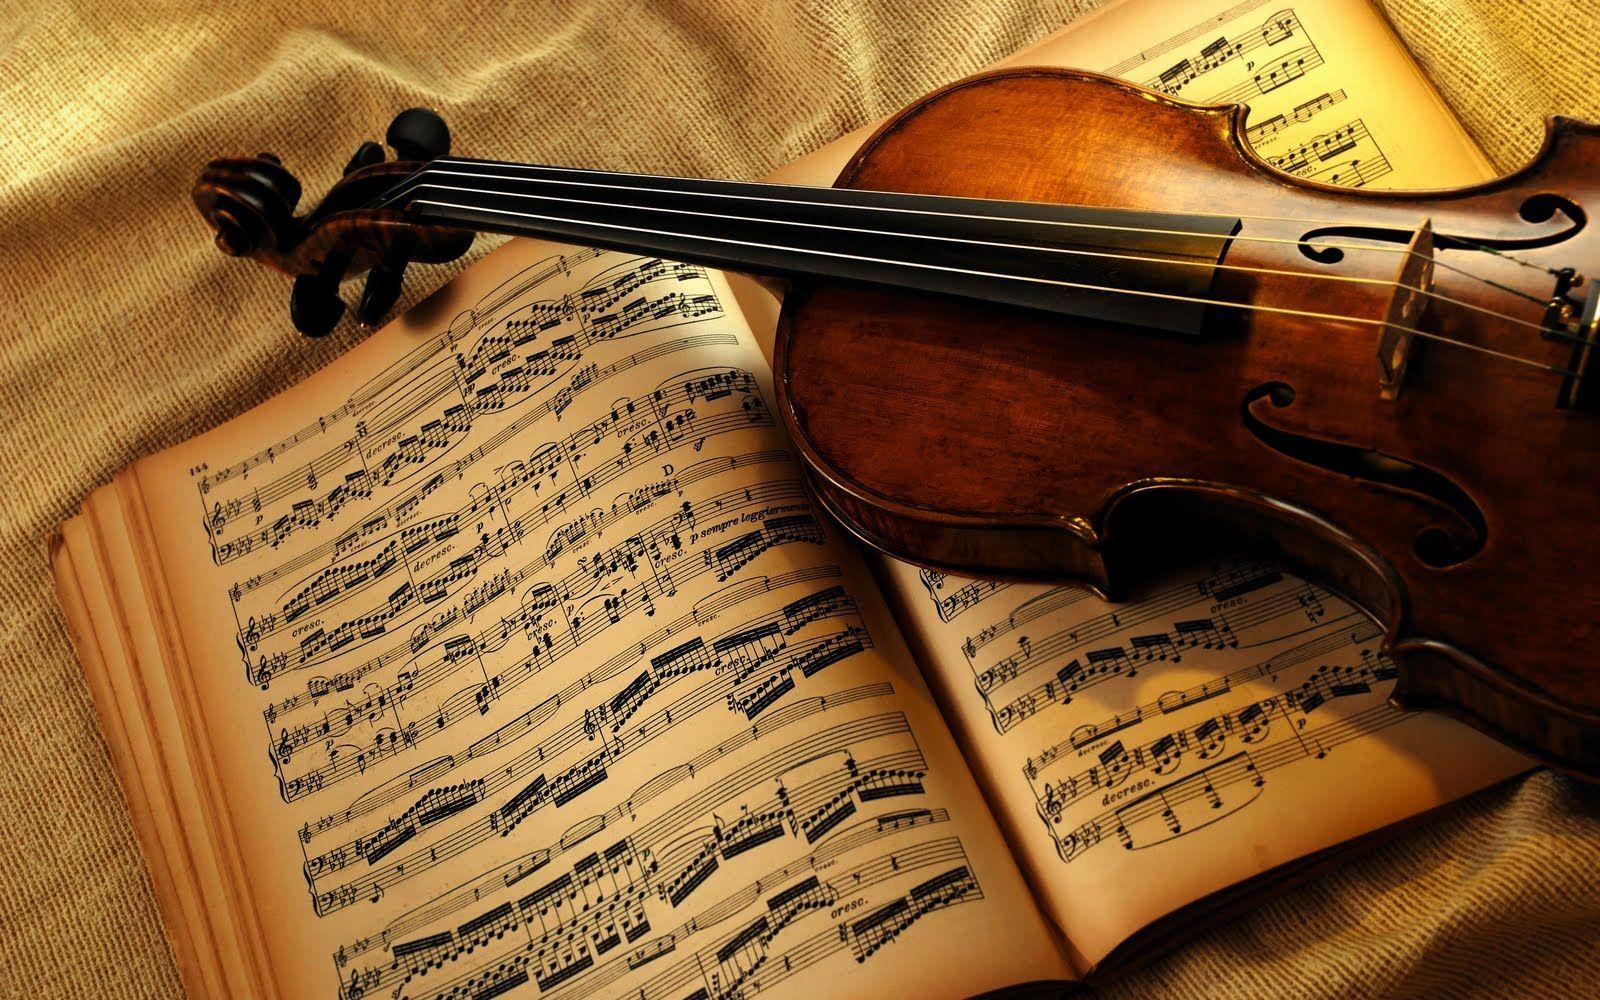 11022 - ¿Cuánto sabes sobre música clásica?